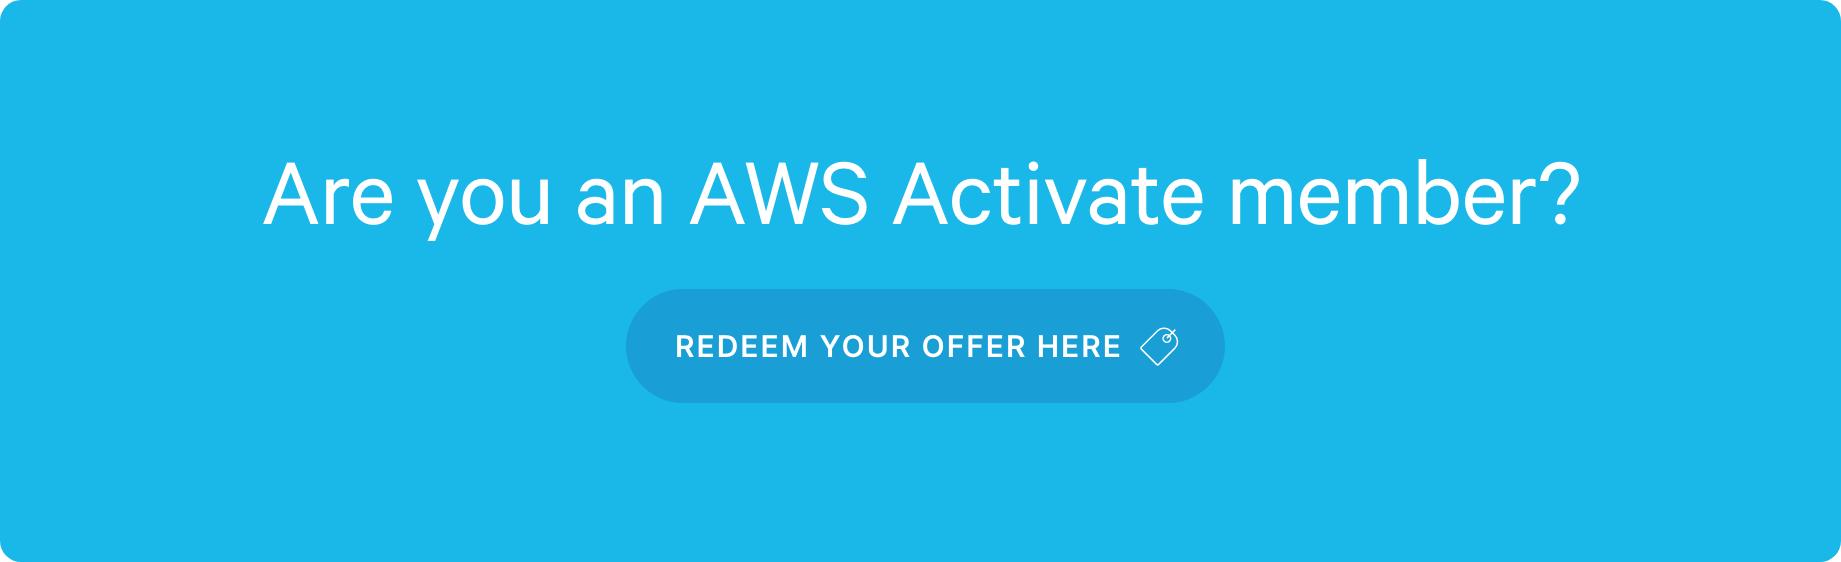 AWS offer